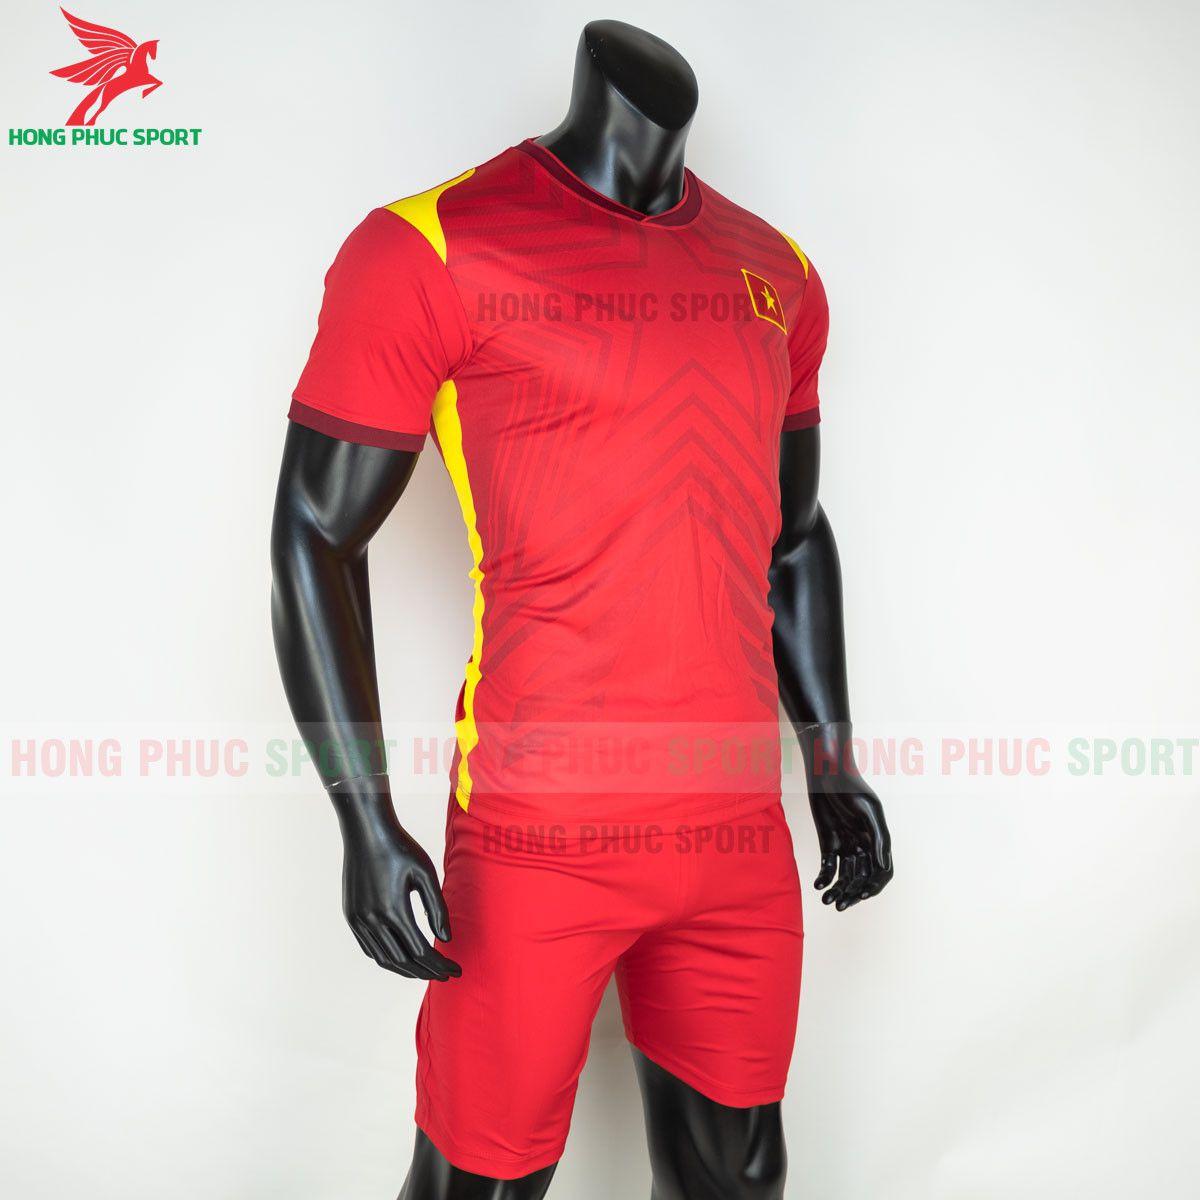 https://cdn.hongphucsport.com/unsafe/s4.shopbay.vn/files/285/ao-bong-da-tuyen-viet-nam-2021-san-nha-5-60d30ca72271b.jpg